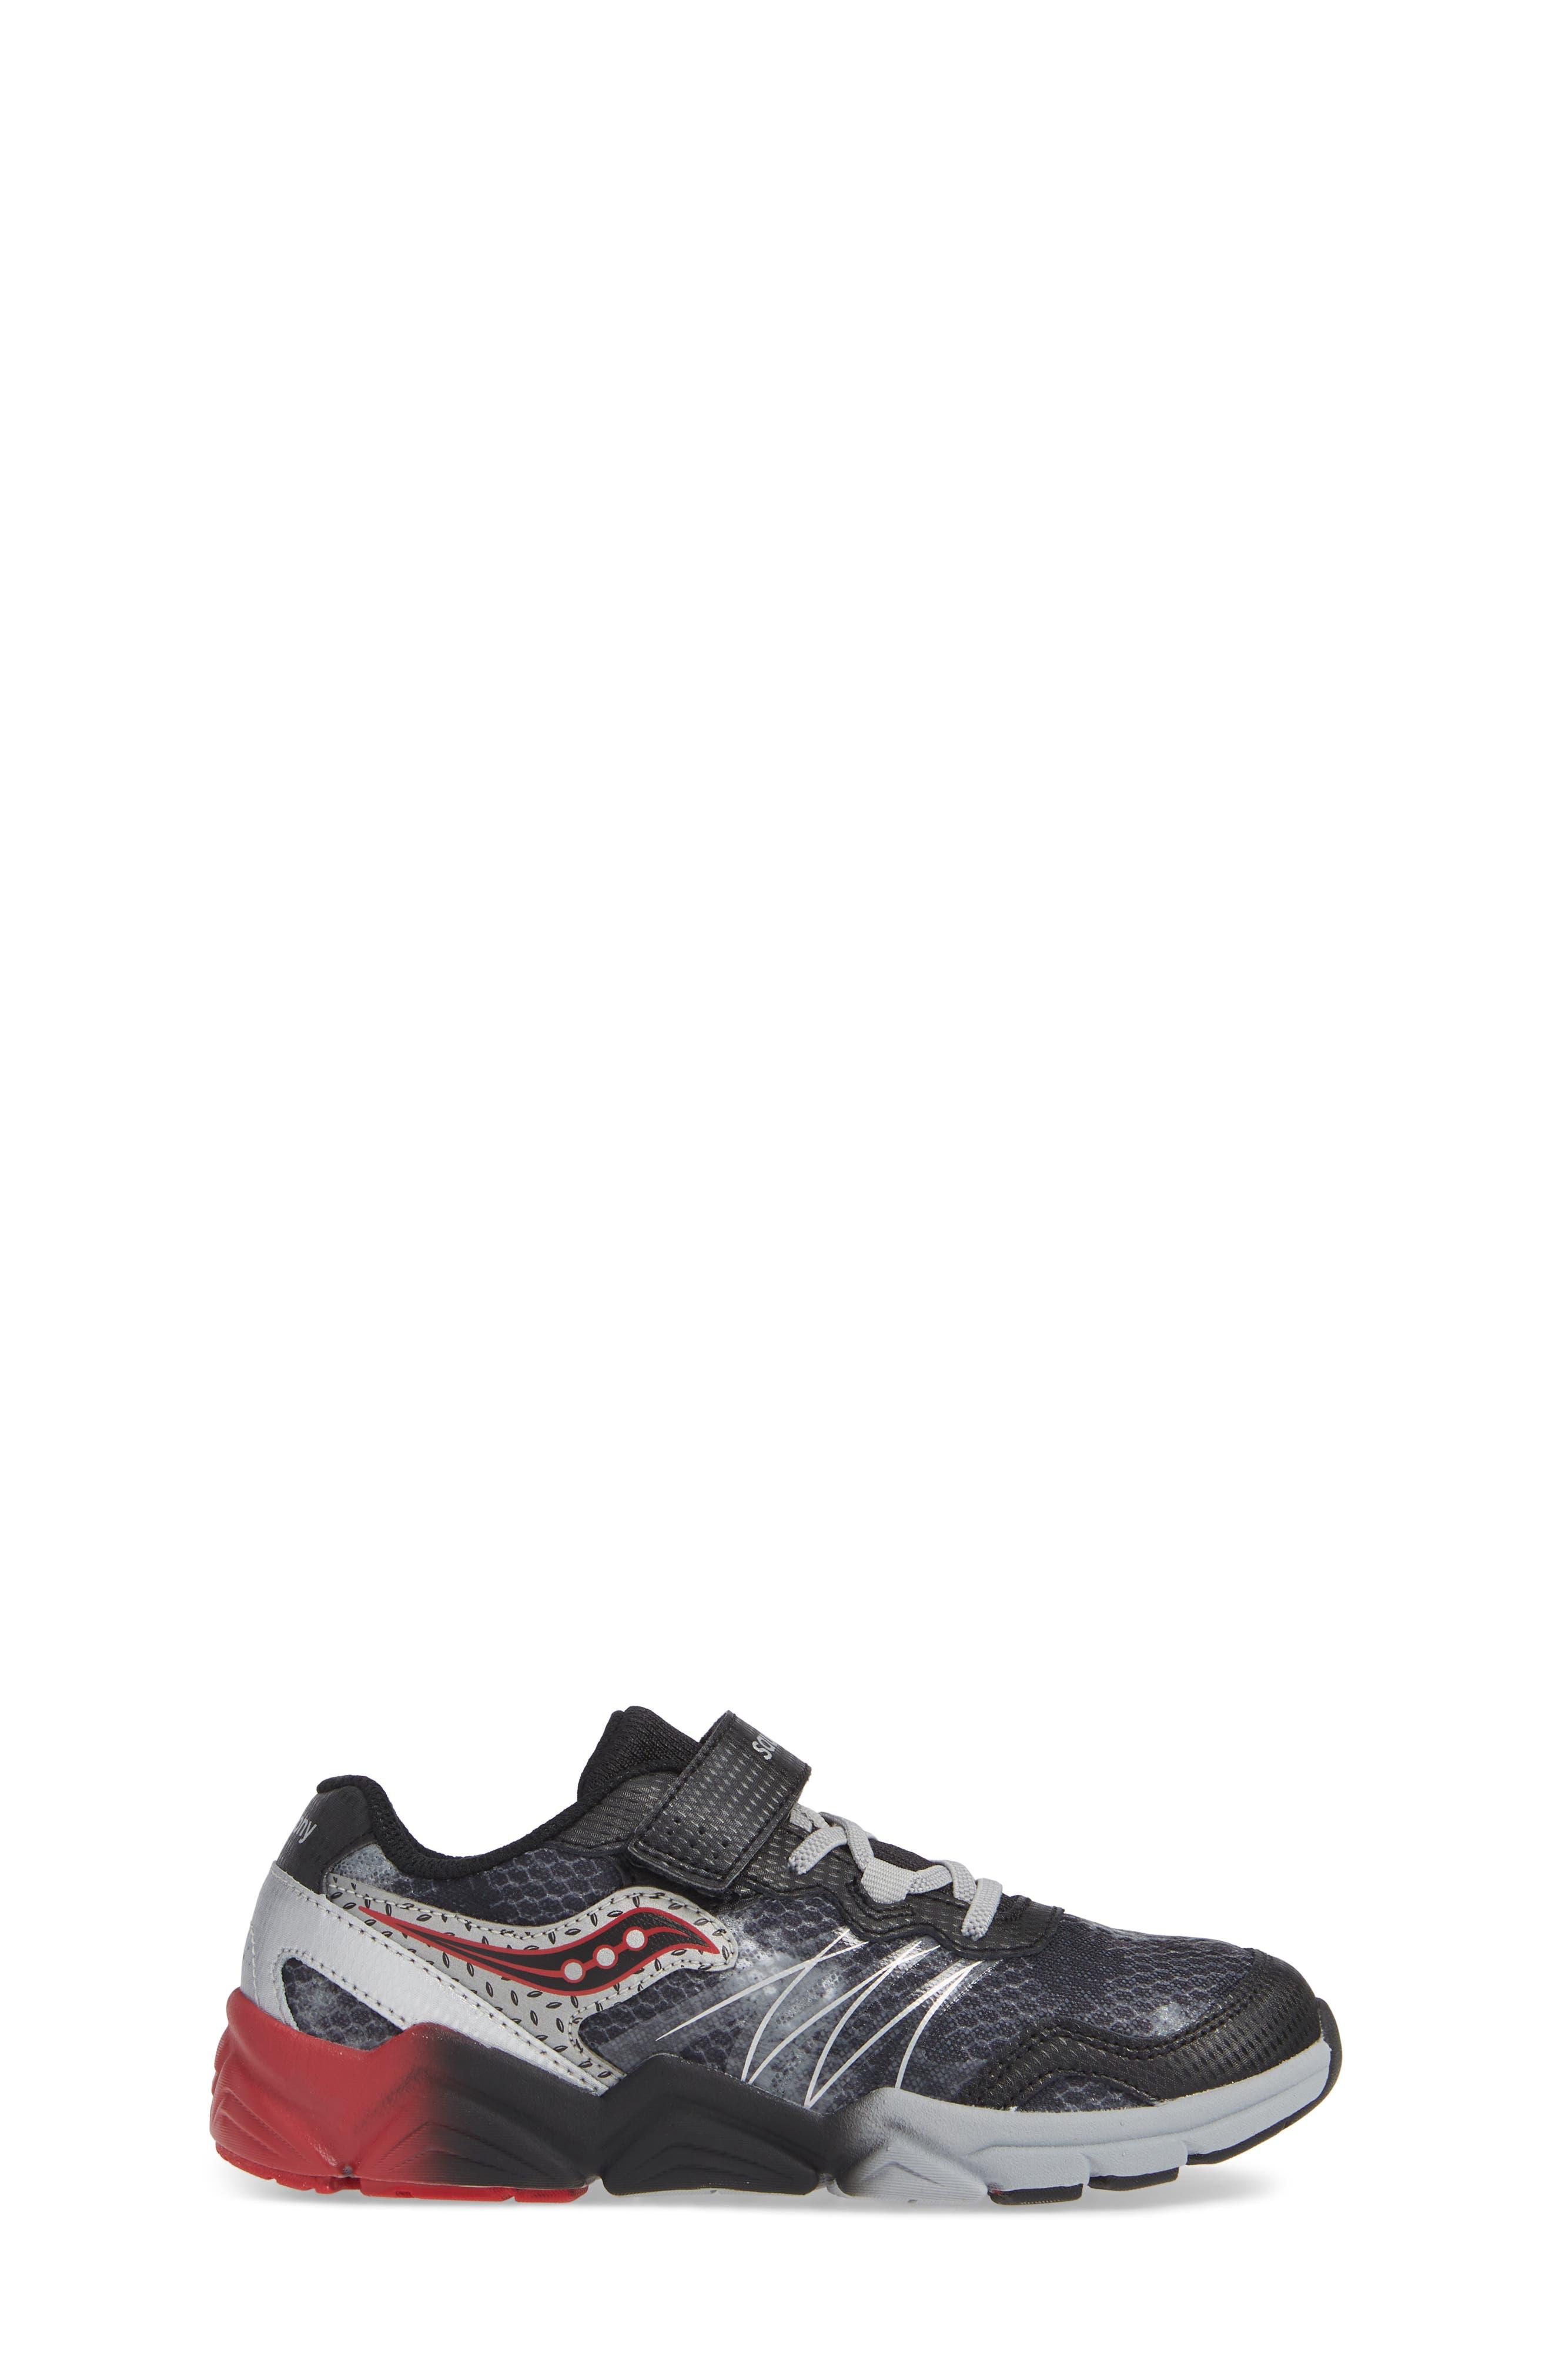 Kotaro Flash Sneaker,                             Alternate thumbnail 3, color,                             BLACK LEATHER/ MESH